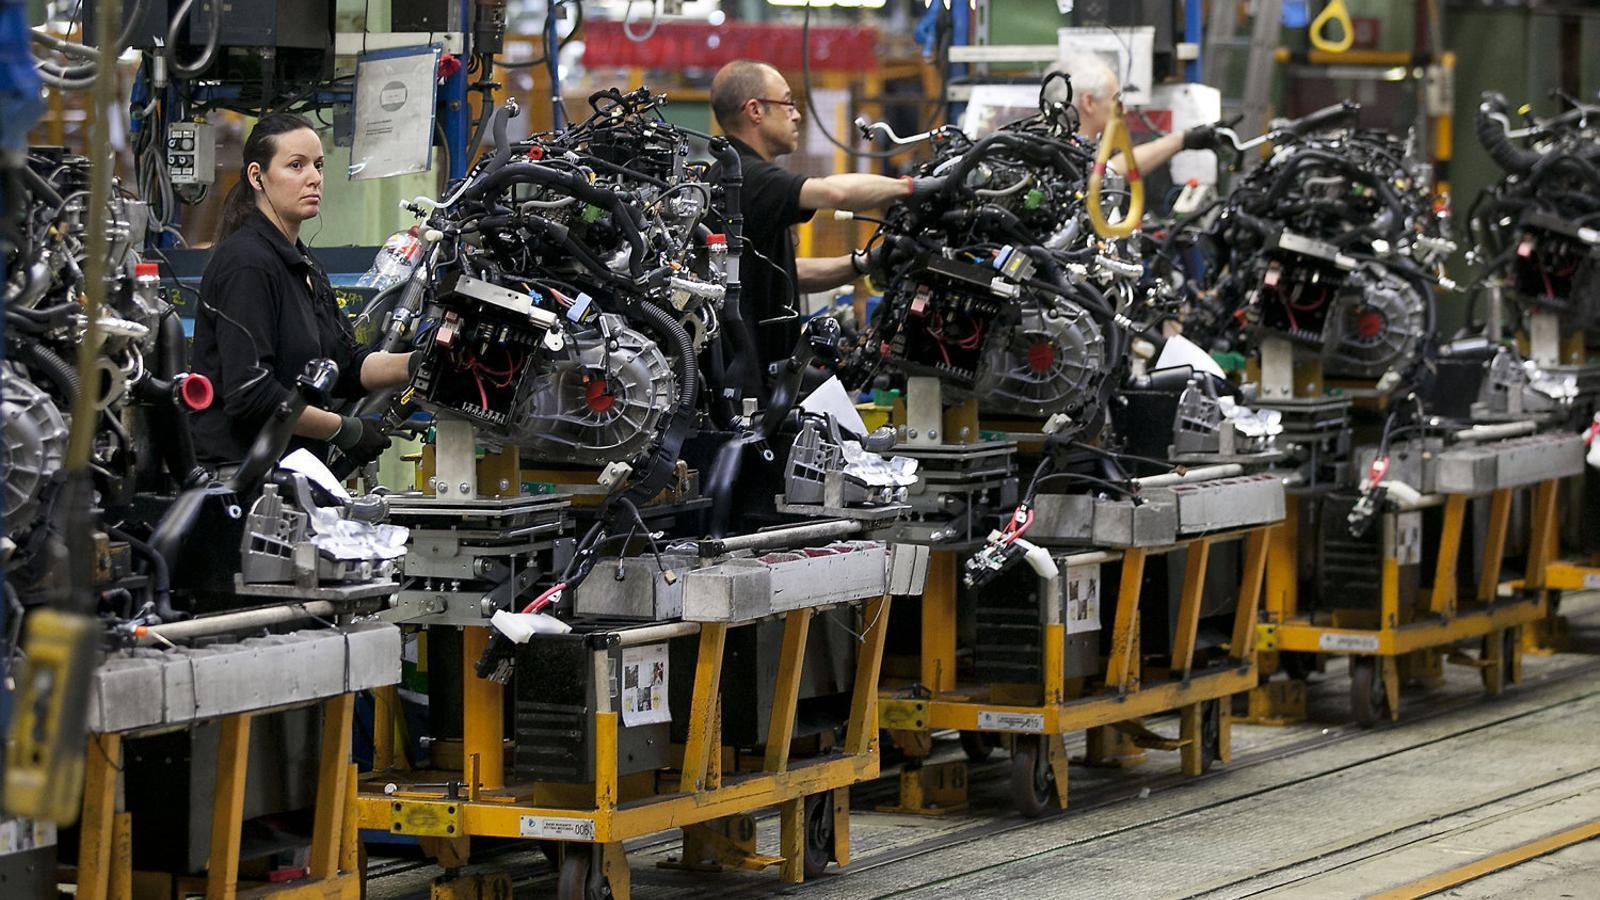 La línia de producció de la furgoneta elèctrica de Nissan a la planta de la Zona Franca en una imatge d'arxiu.